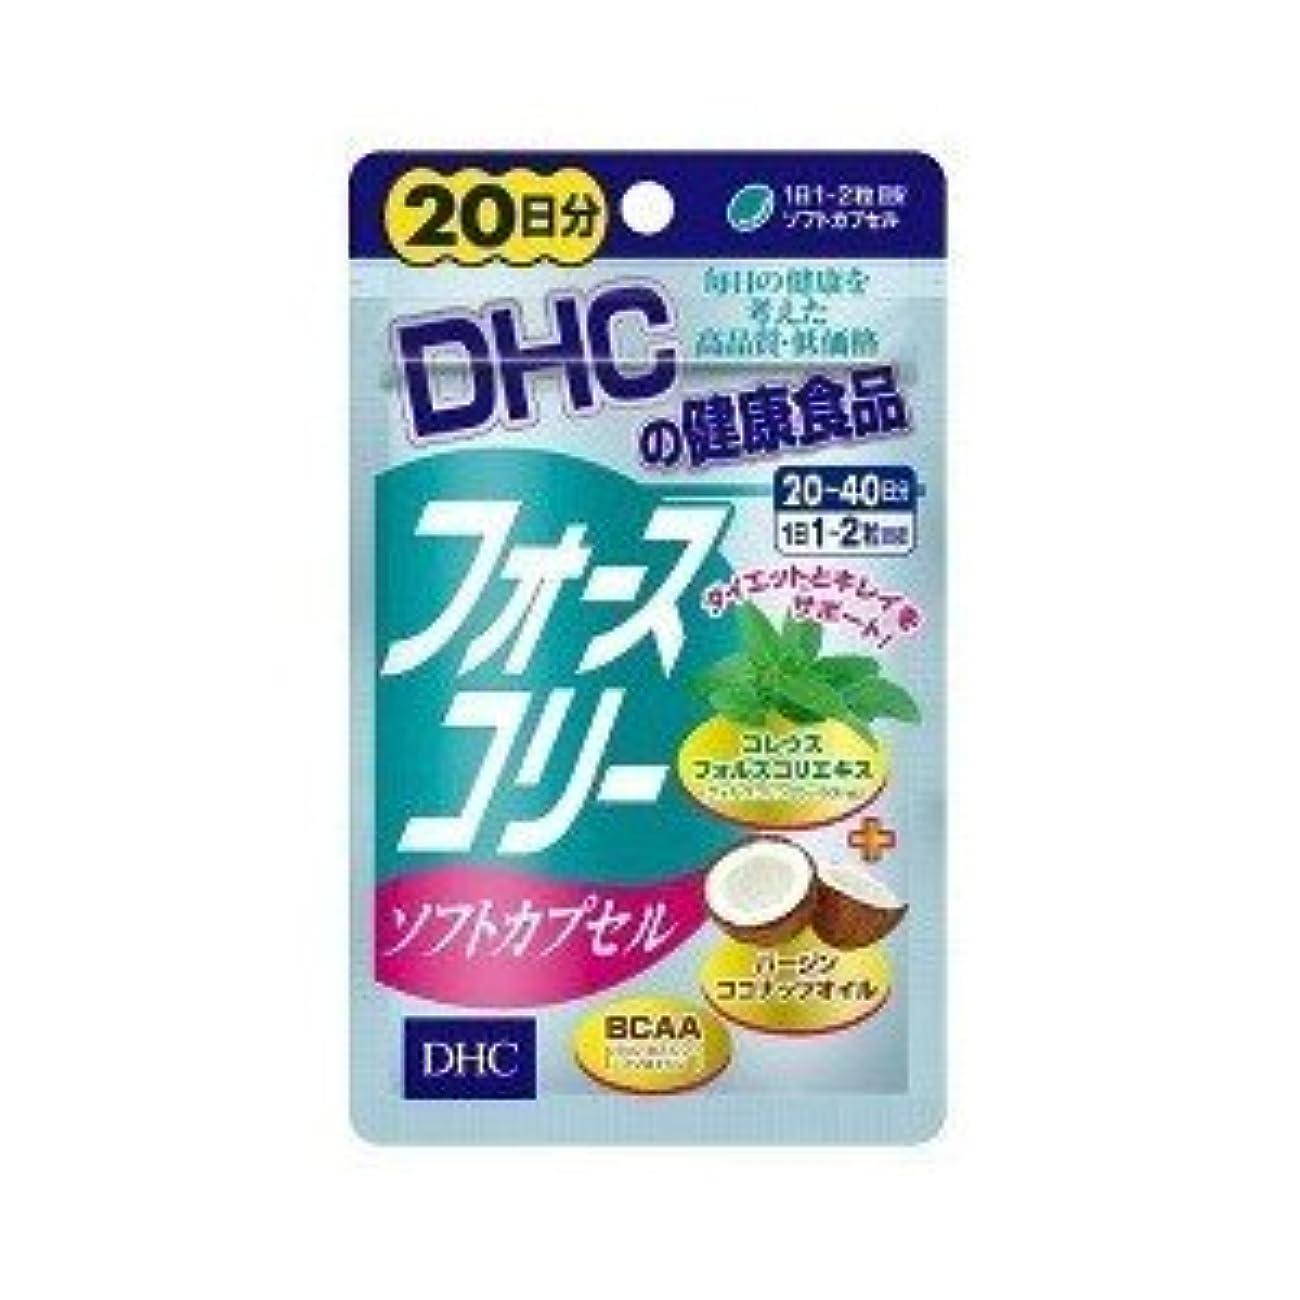 艶酸度繊細(2017年春の新商品)DHC フォースコリー ソフトカプセル 20日分 40粒